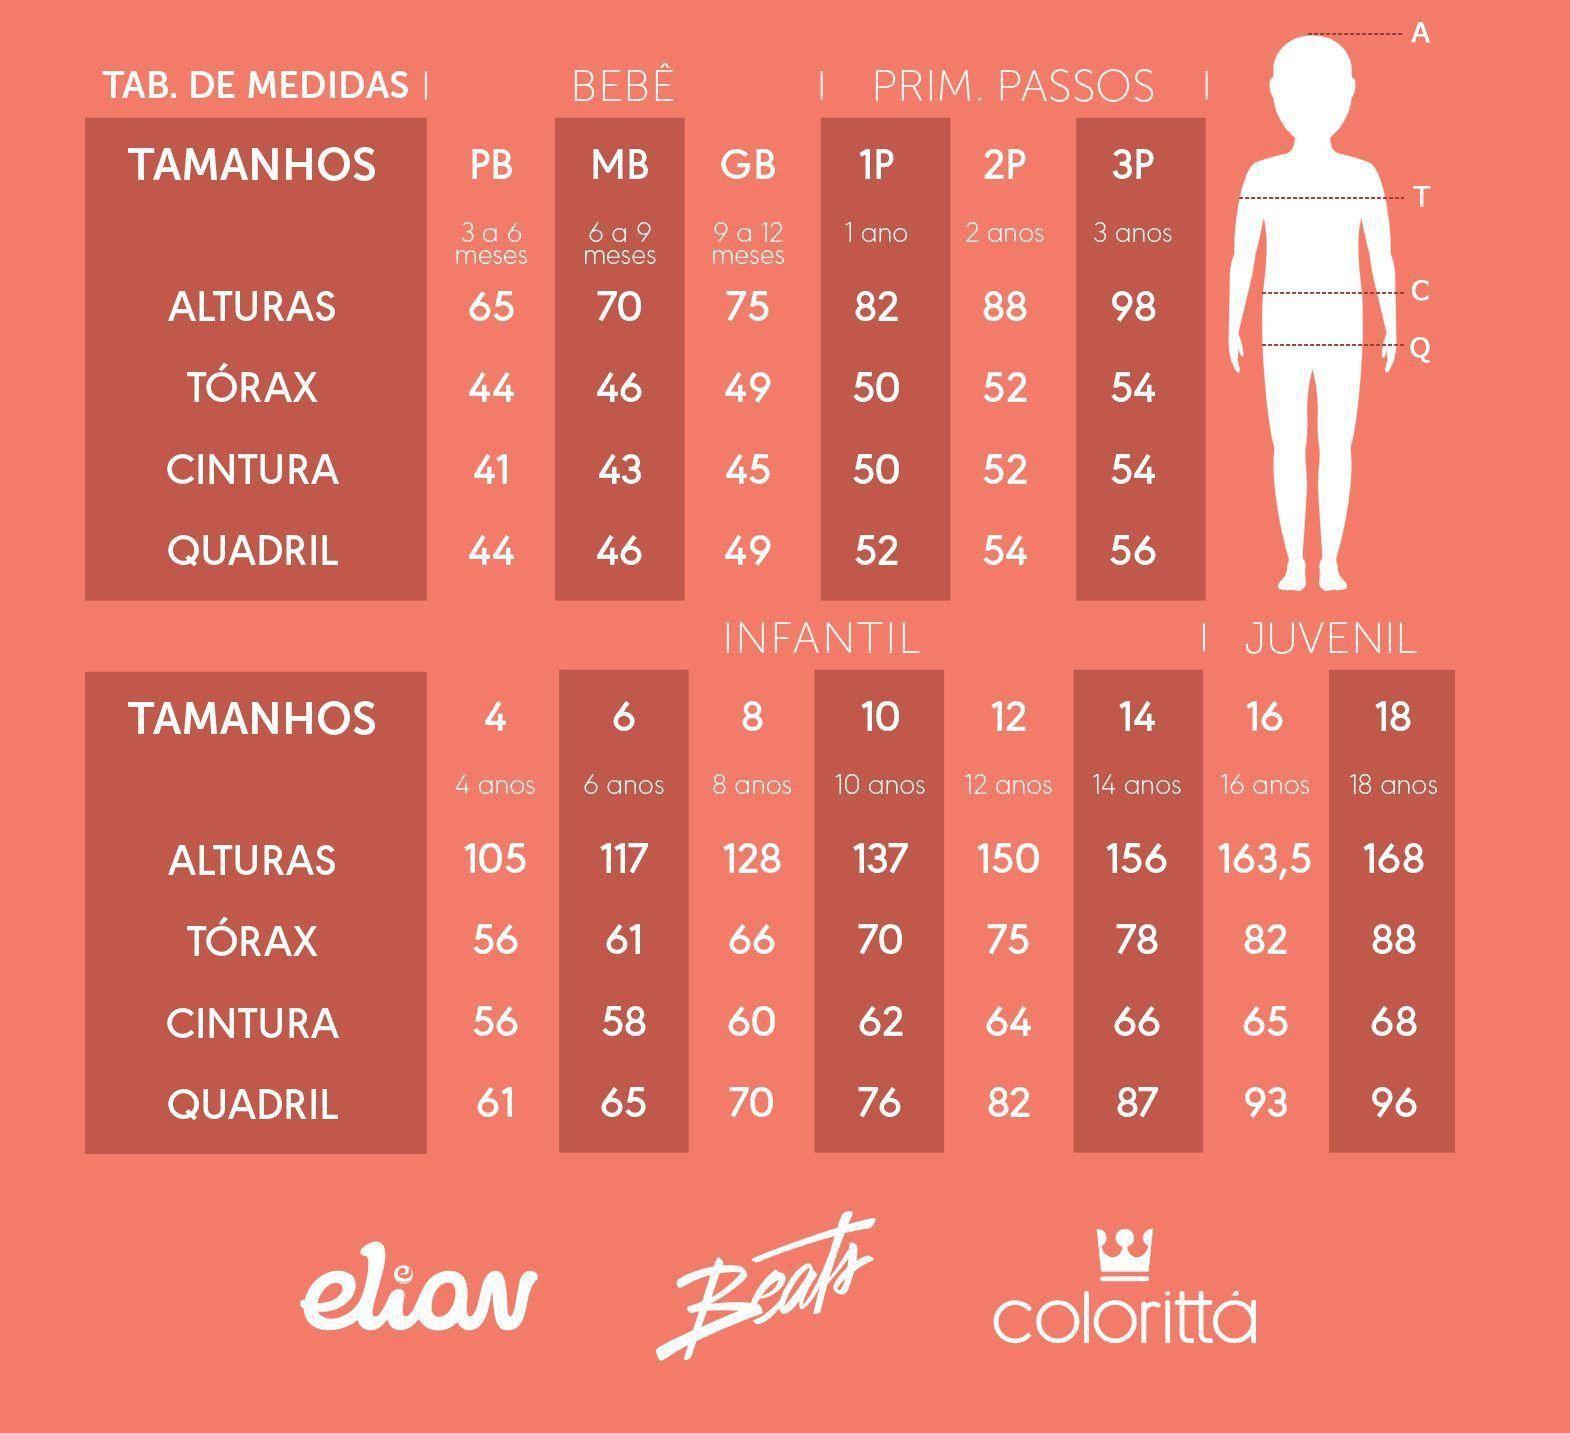 Camiseta Infantil Masculina Verão Preta Basketball Elian: Tabela de medidas